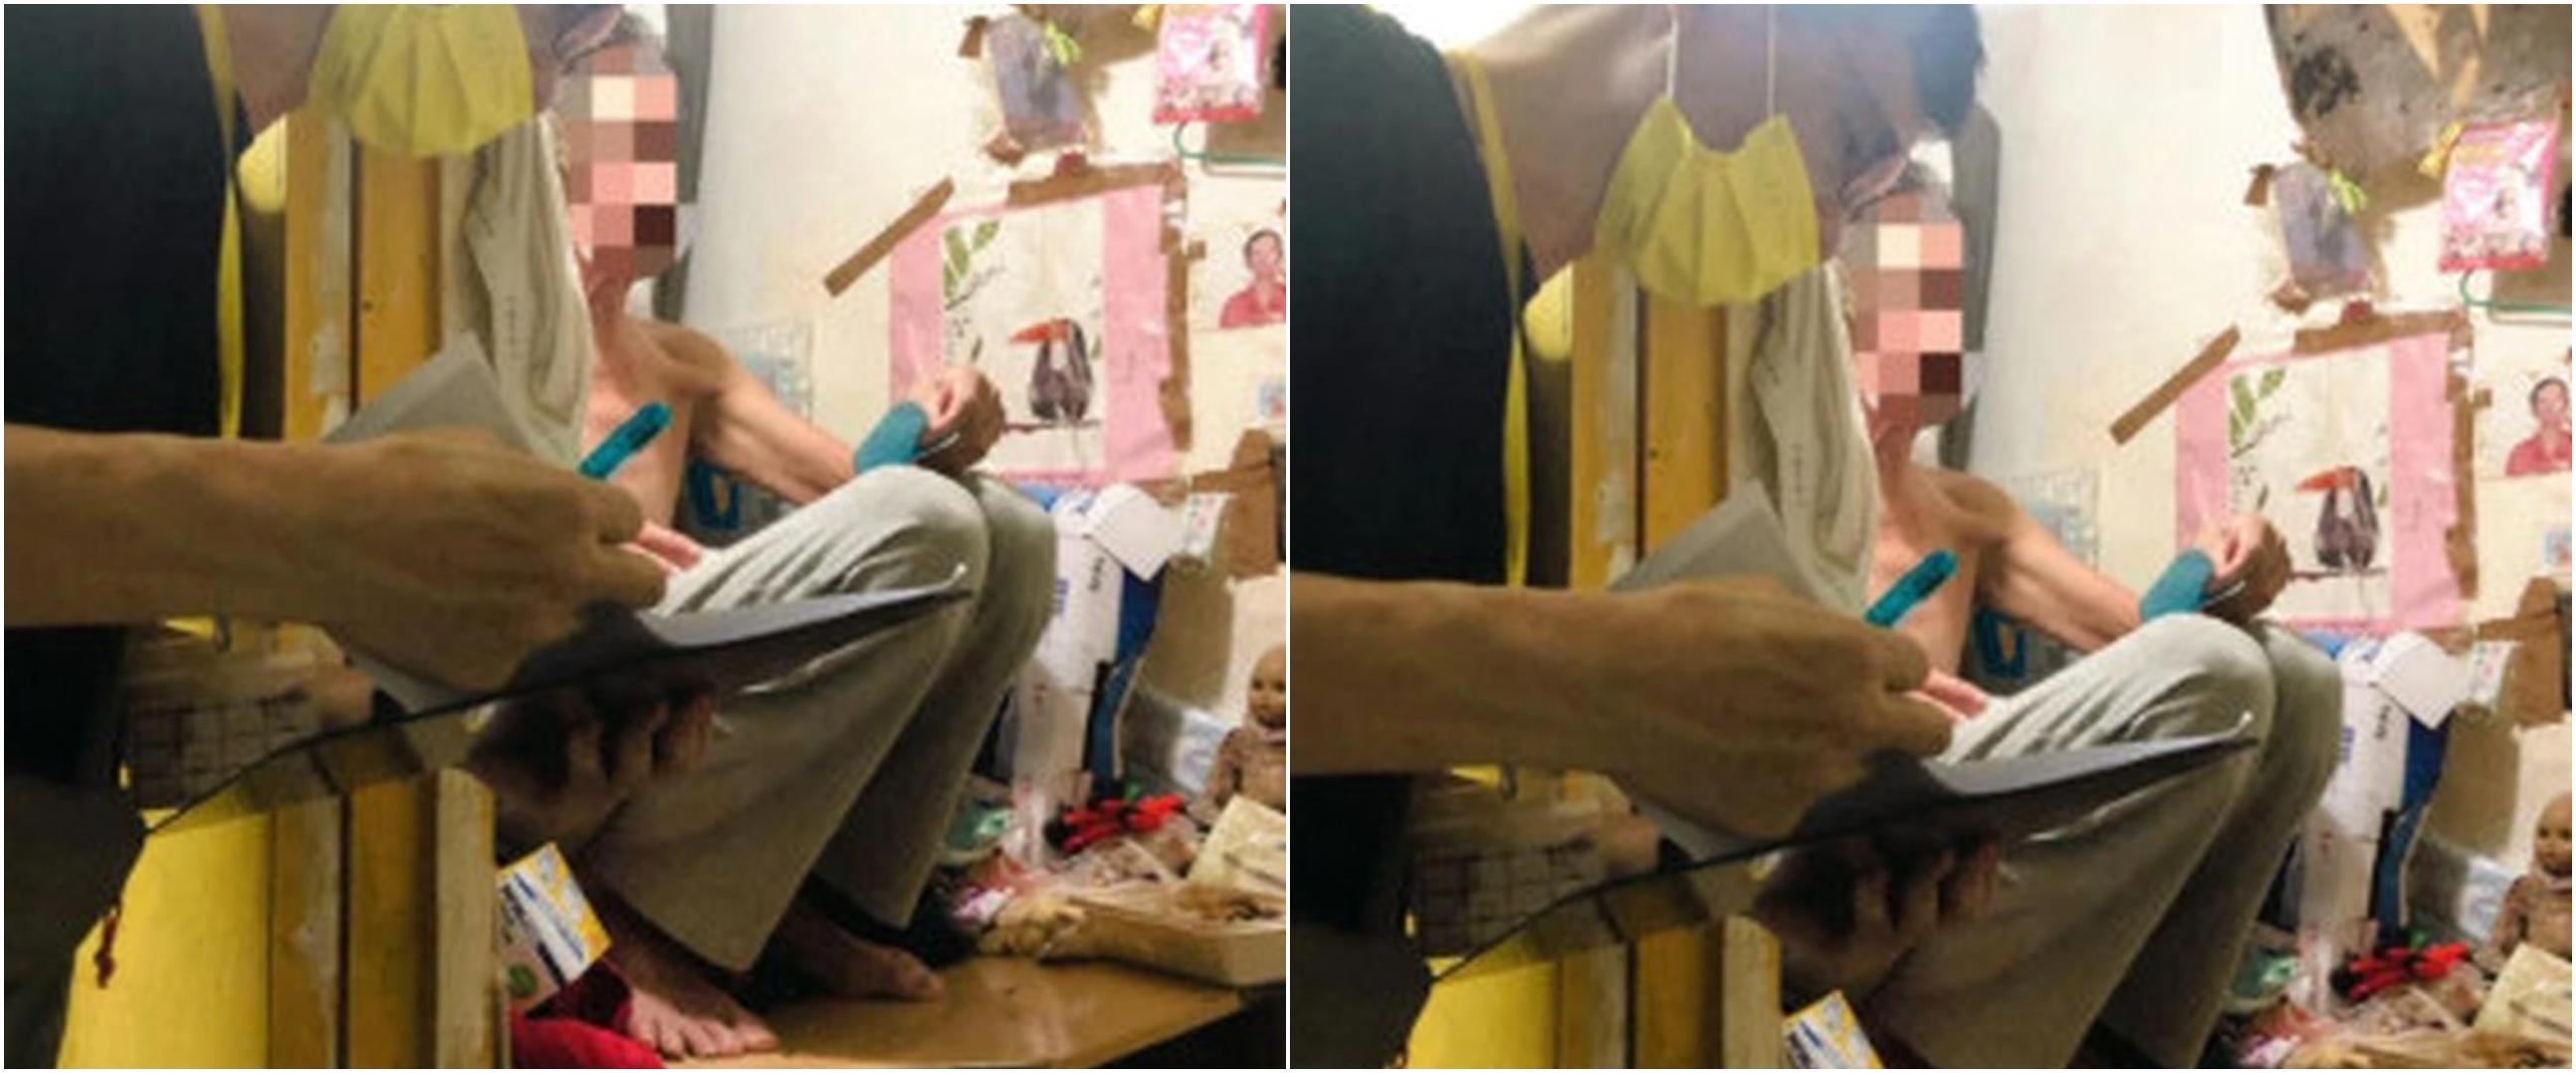 Kisah pilu kakek 60 tahun sewa toilet sempit untuk tempat tinggal